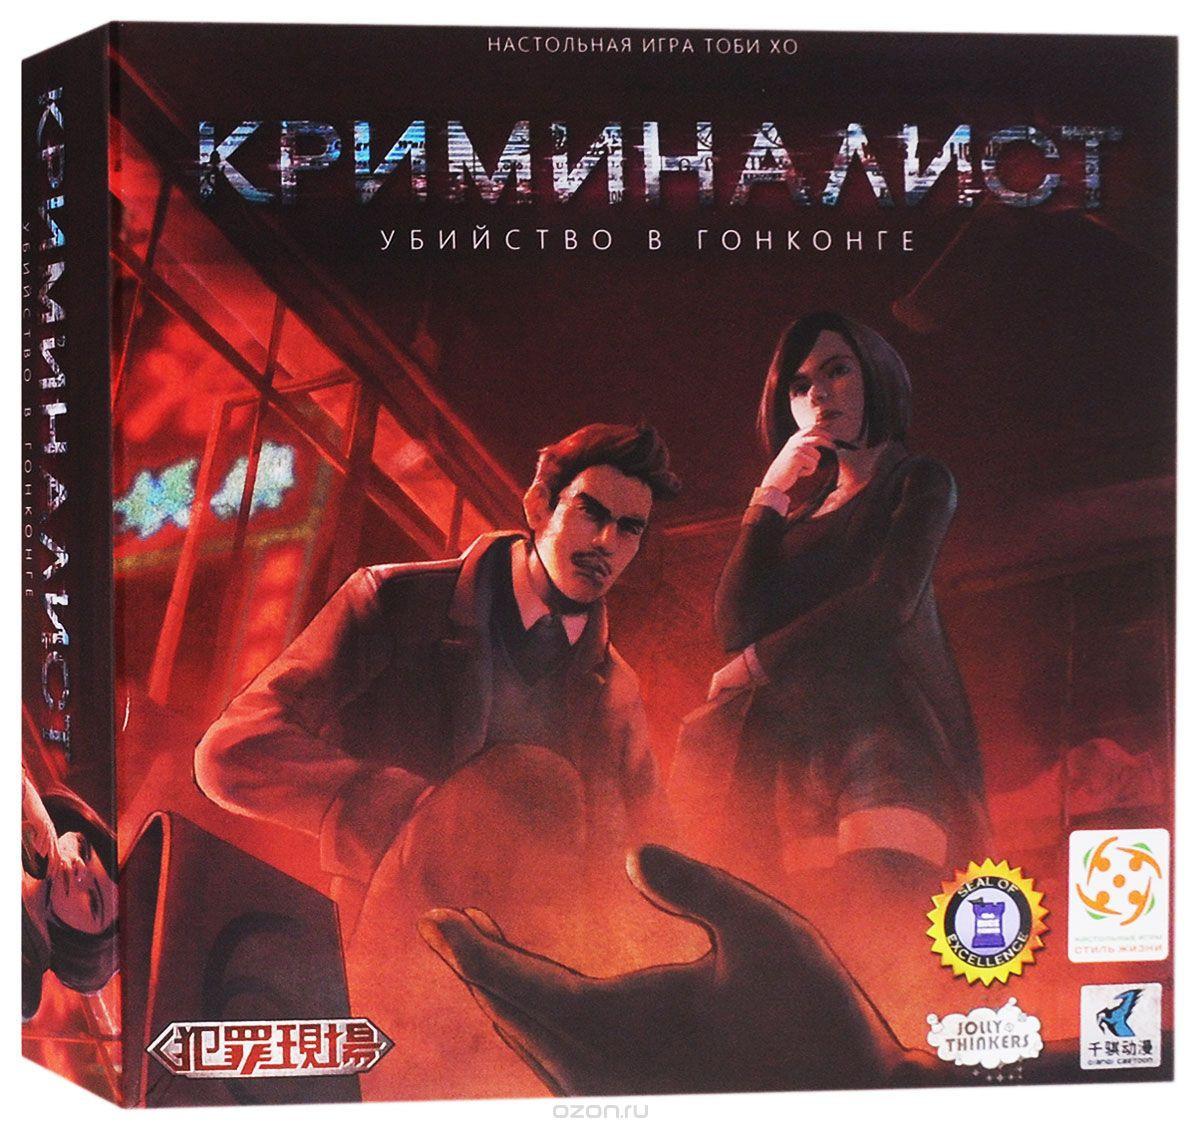 Настольная игра Криминалист Убийство в Гонконге (Deception: Murder in Hong Kong)